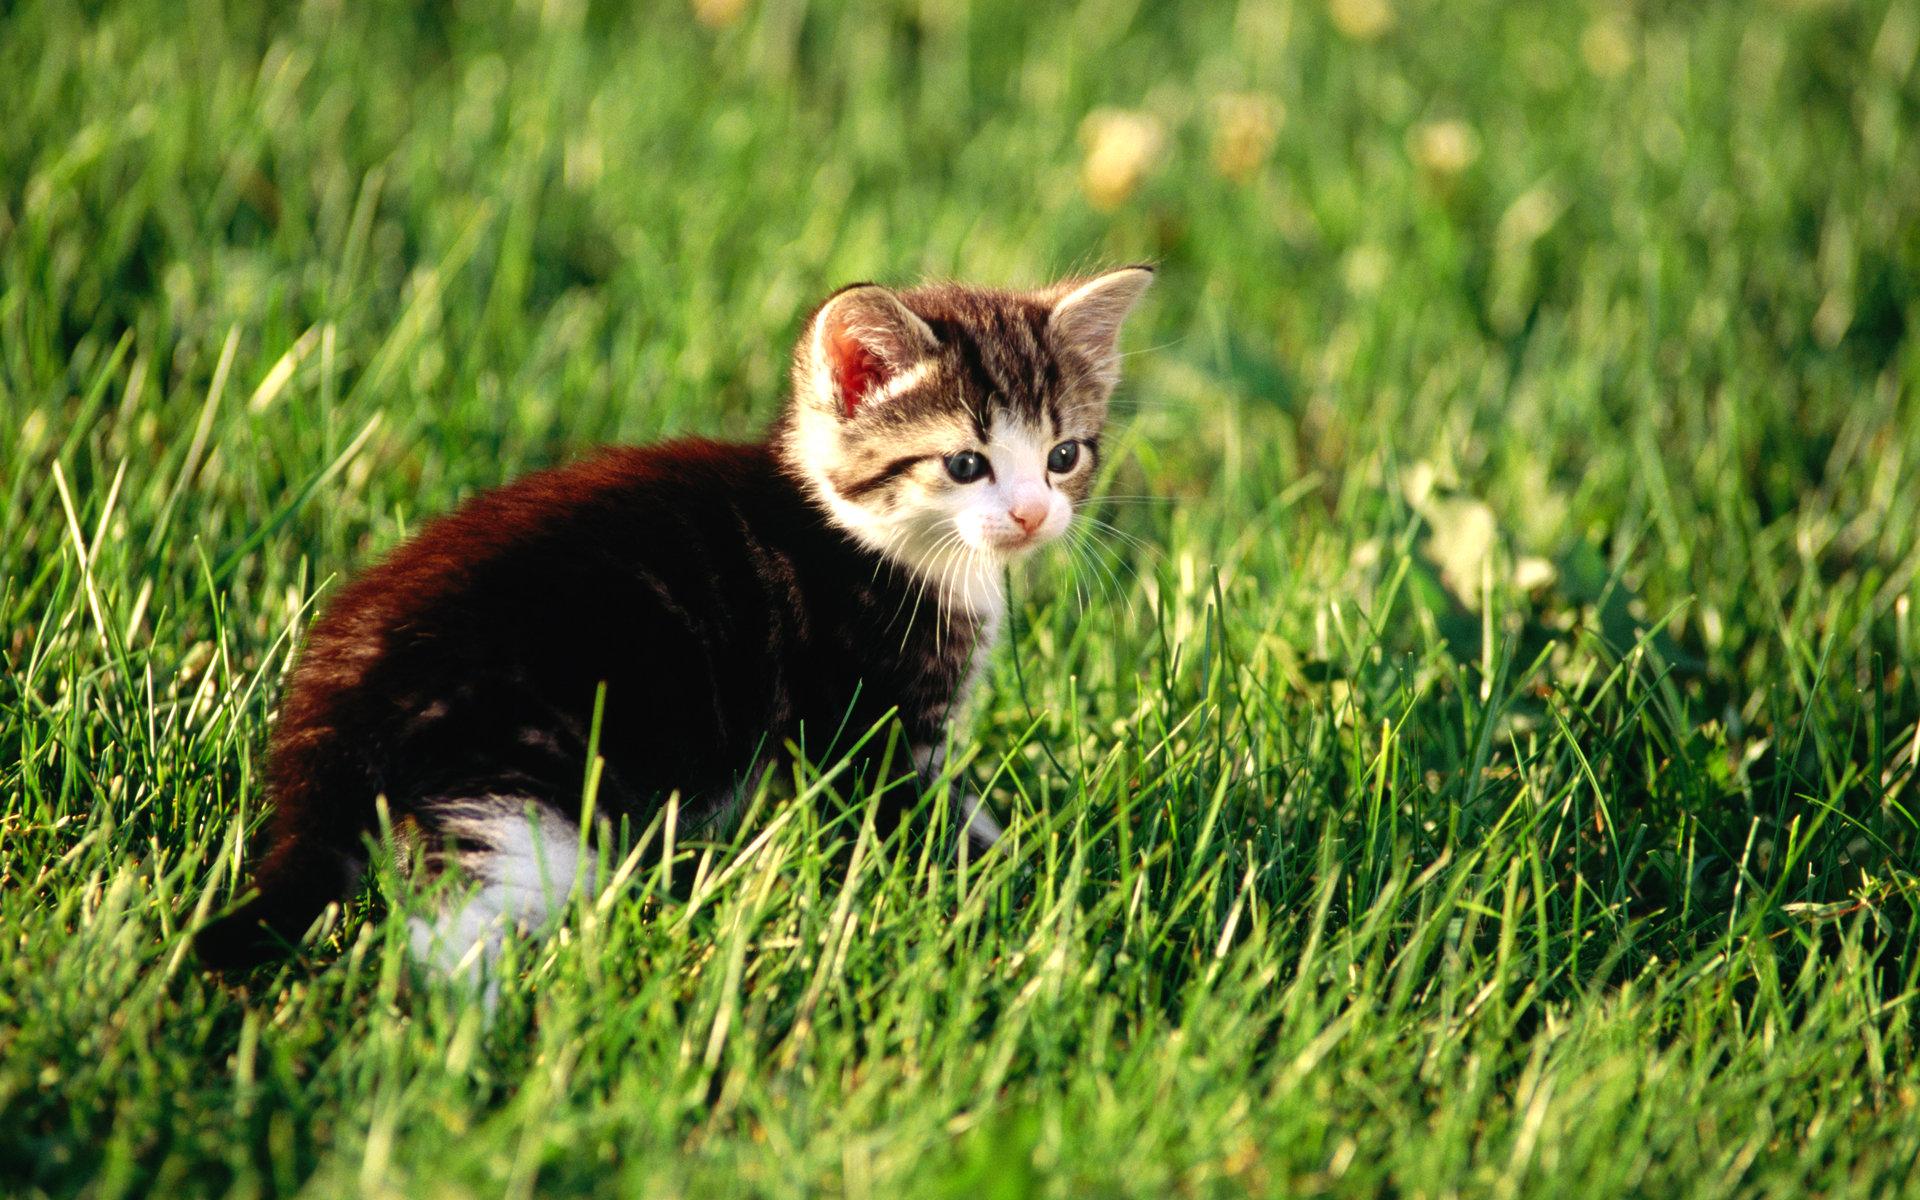 毛绒可爱猫宝宝写真壁纸图片动物壁纸动物图片素材桌面壁纸